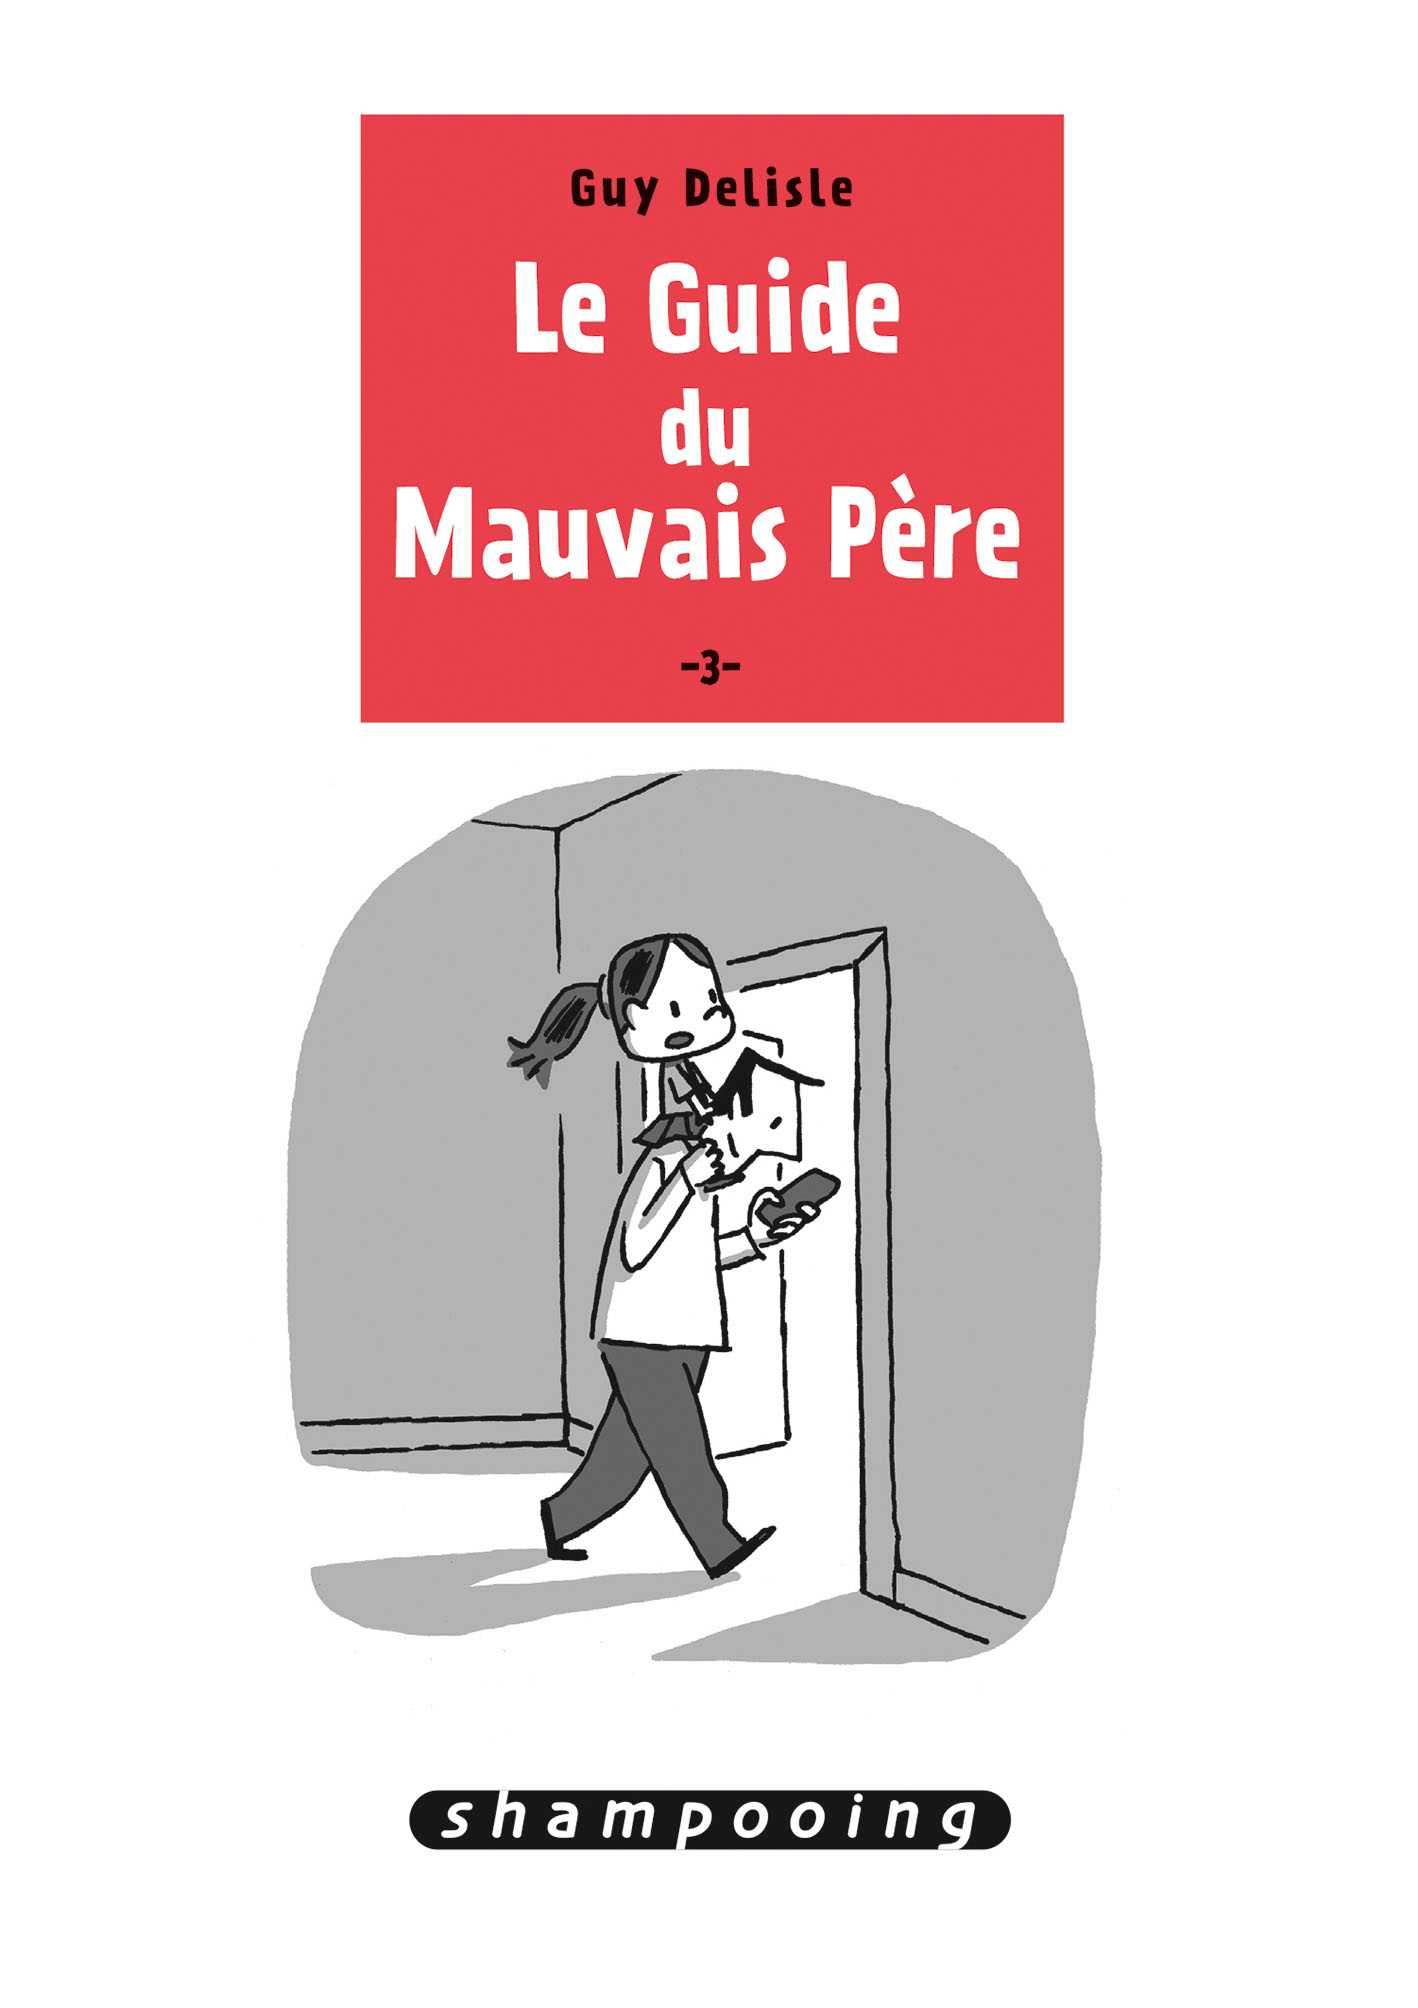 Le Guide du Mauvais père, le tome 3 avec Guy Delisle